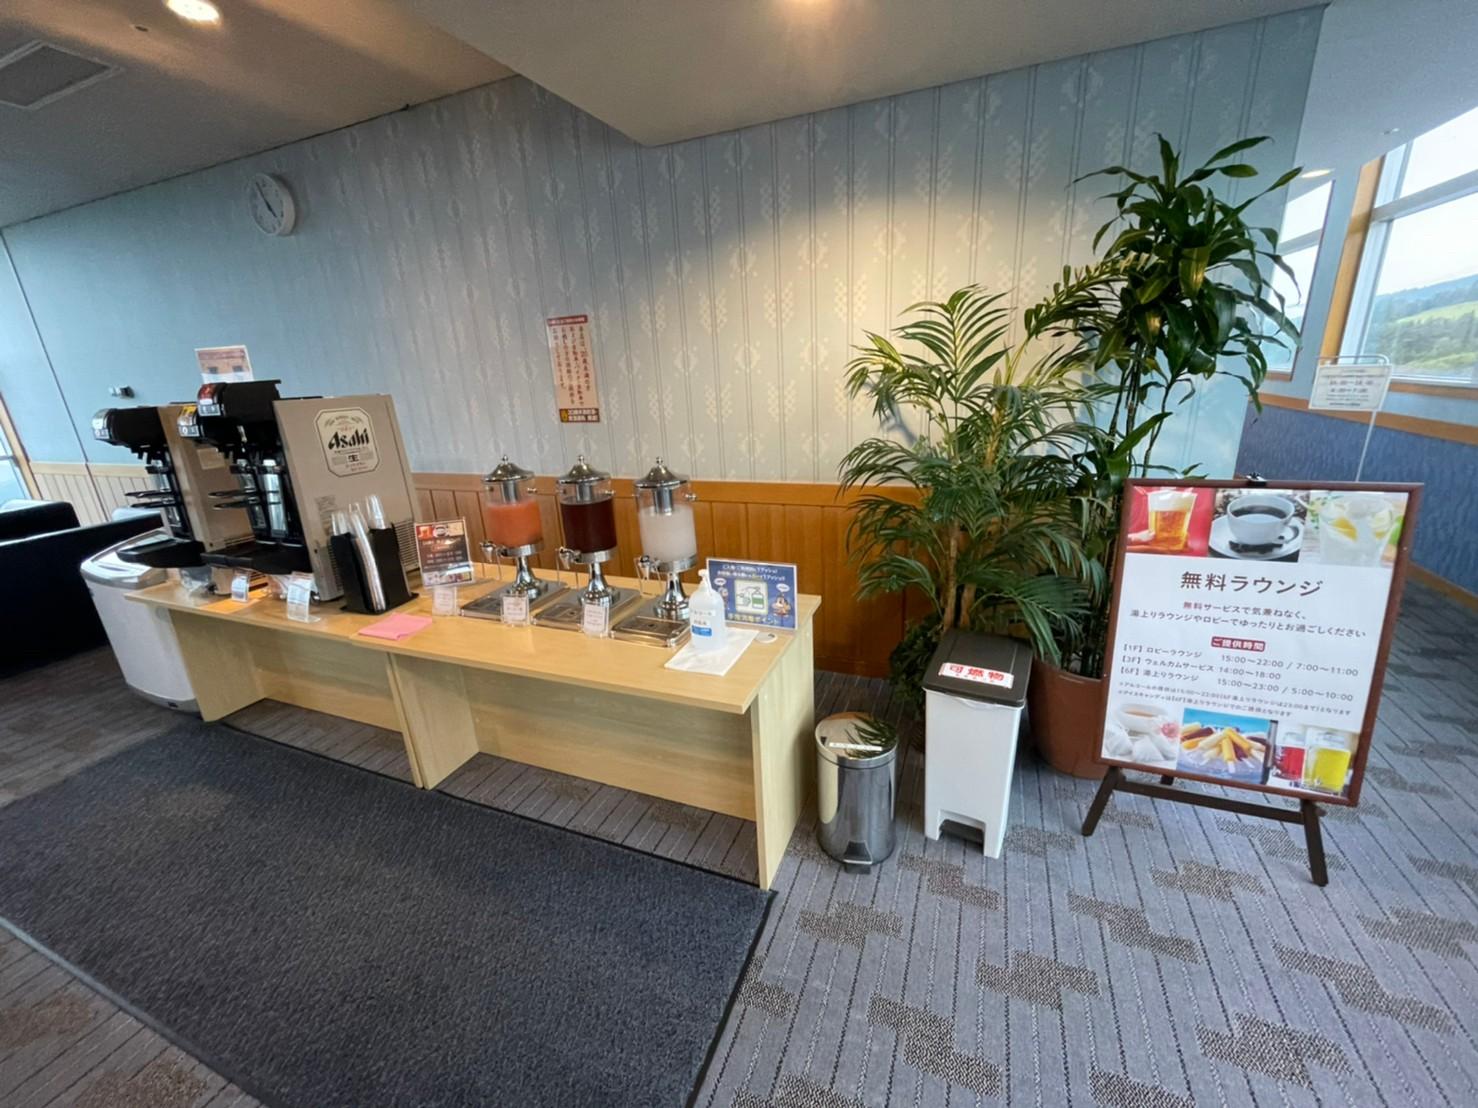 大江戸温泉物語日光霧降で温泉&グルメ満喫ブログ